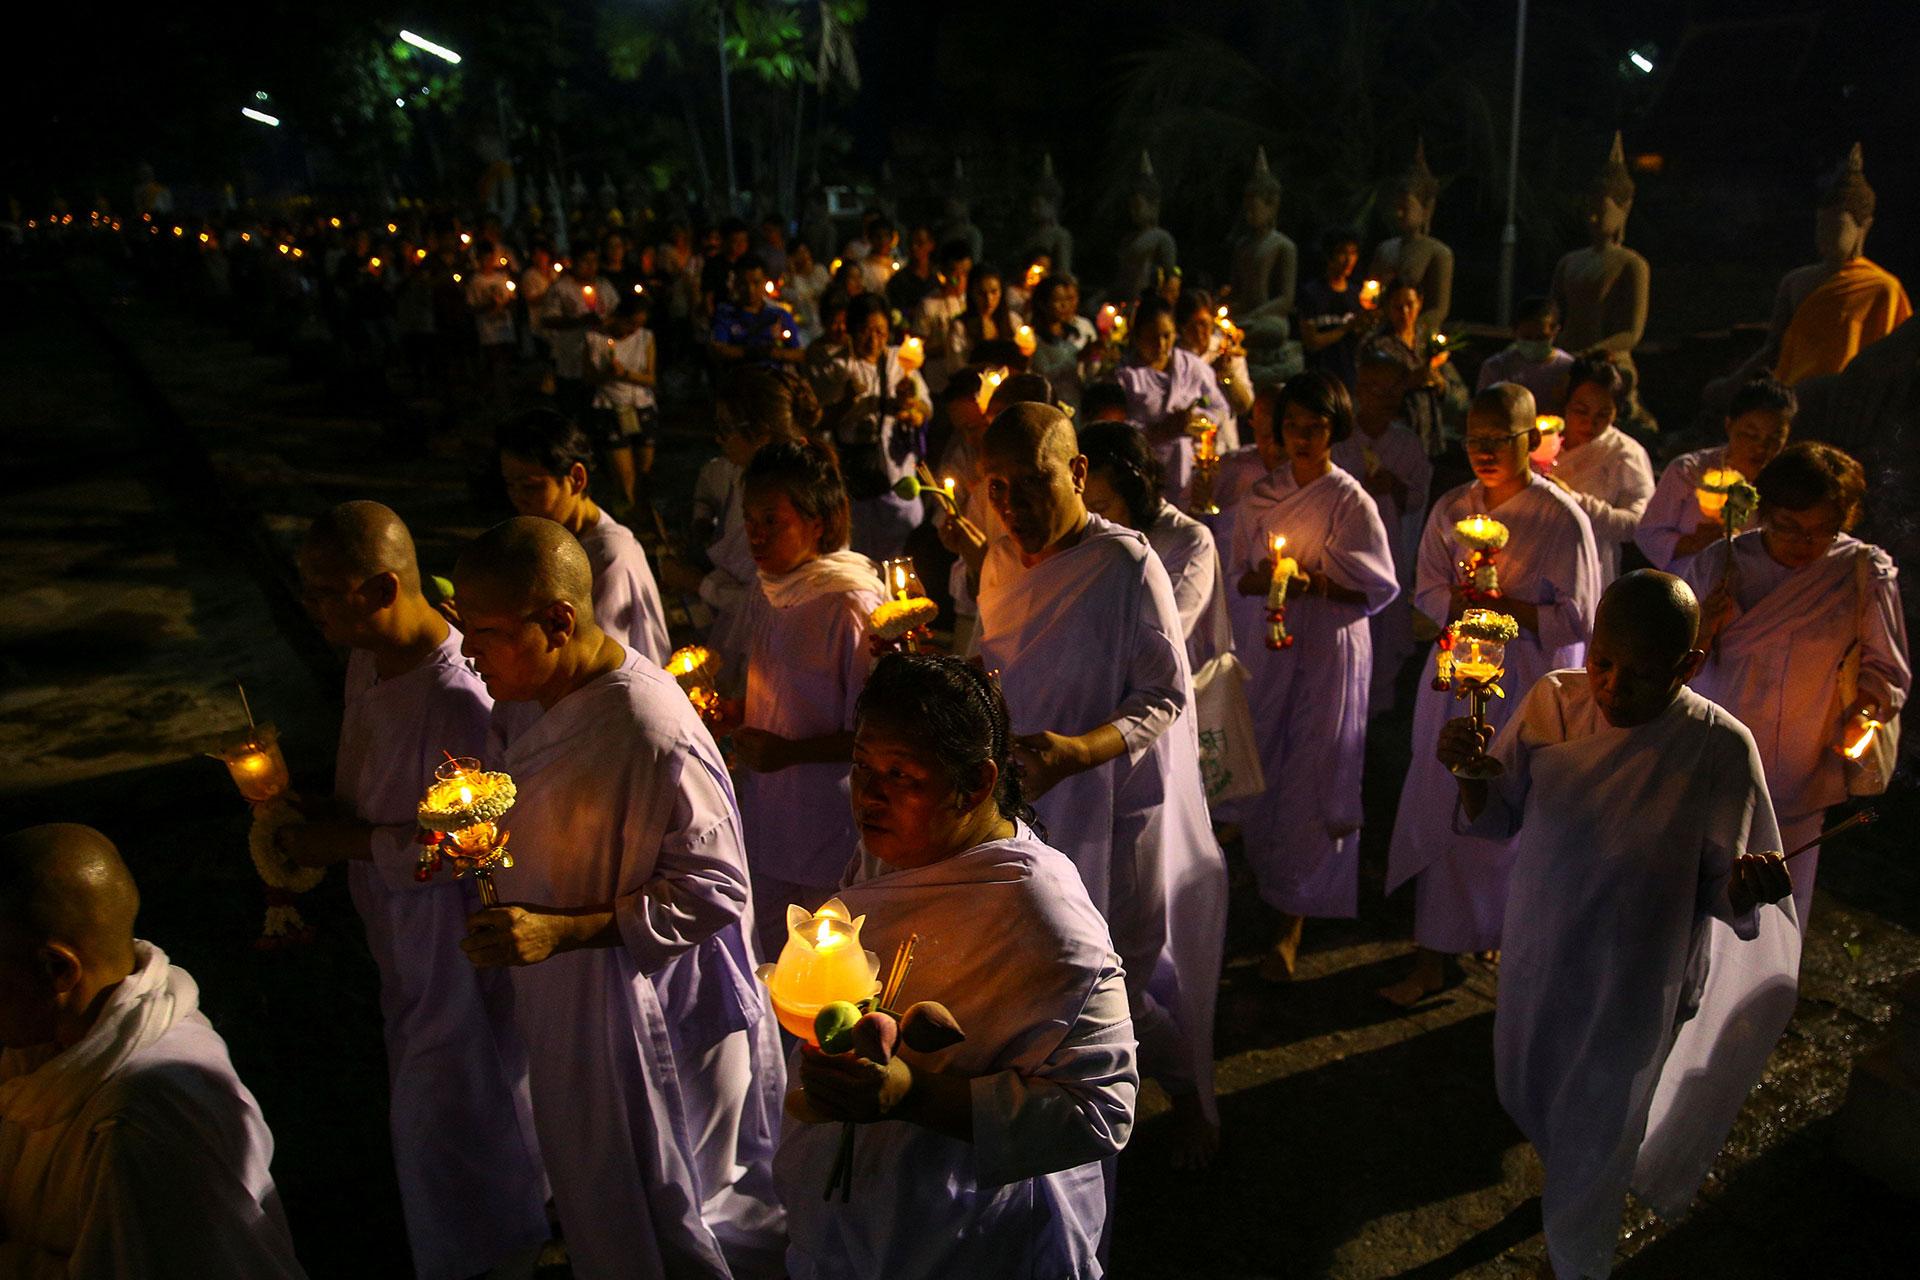 Monjas y monjes budistas cargan velas mientras rezan en el templo Chai Mongkhon en Ayutthaya, Tailandia el 10 de mayo de 2017. (Reuters)